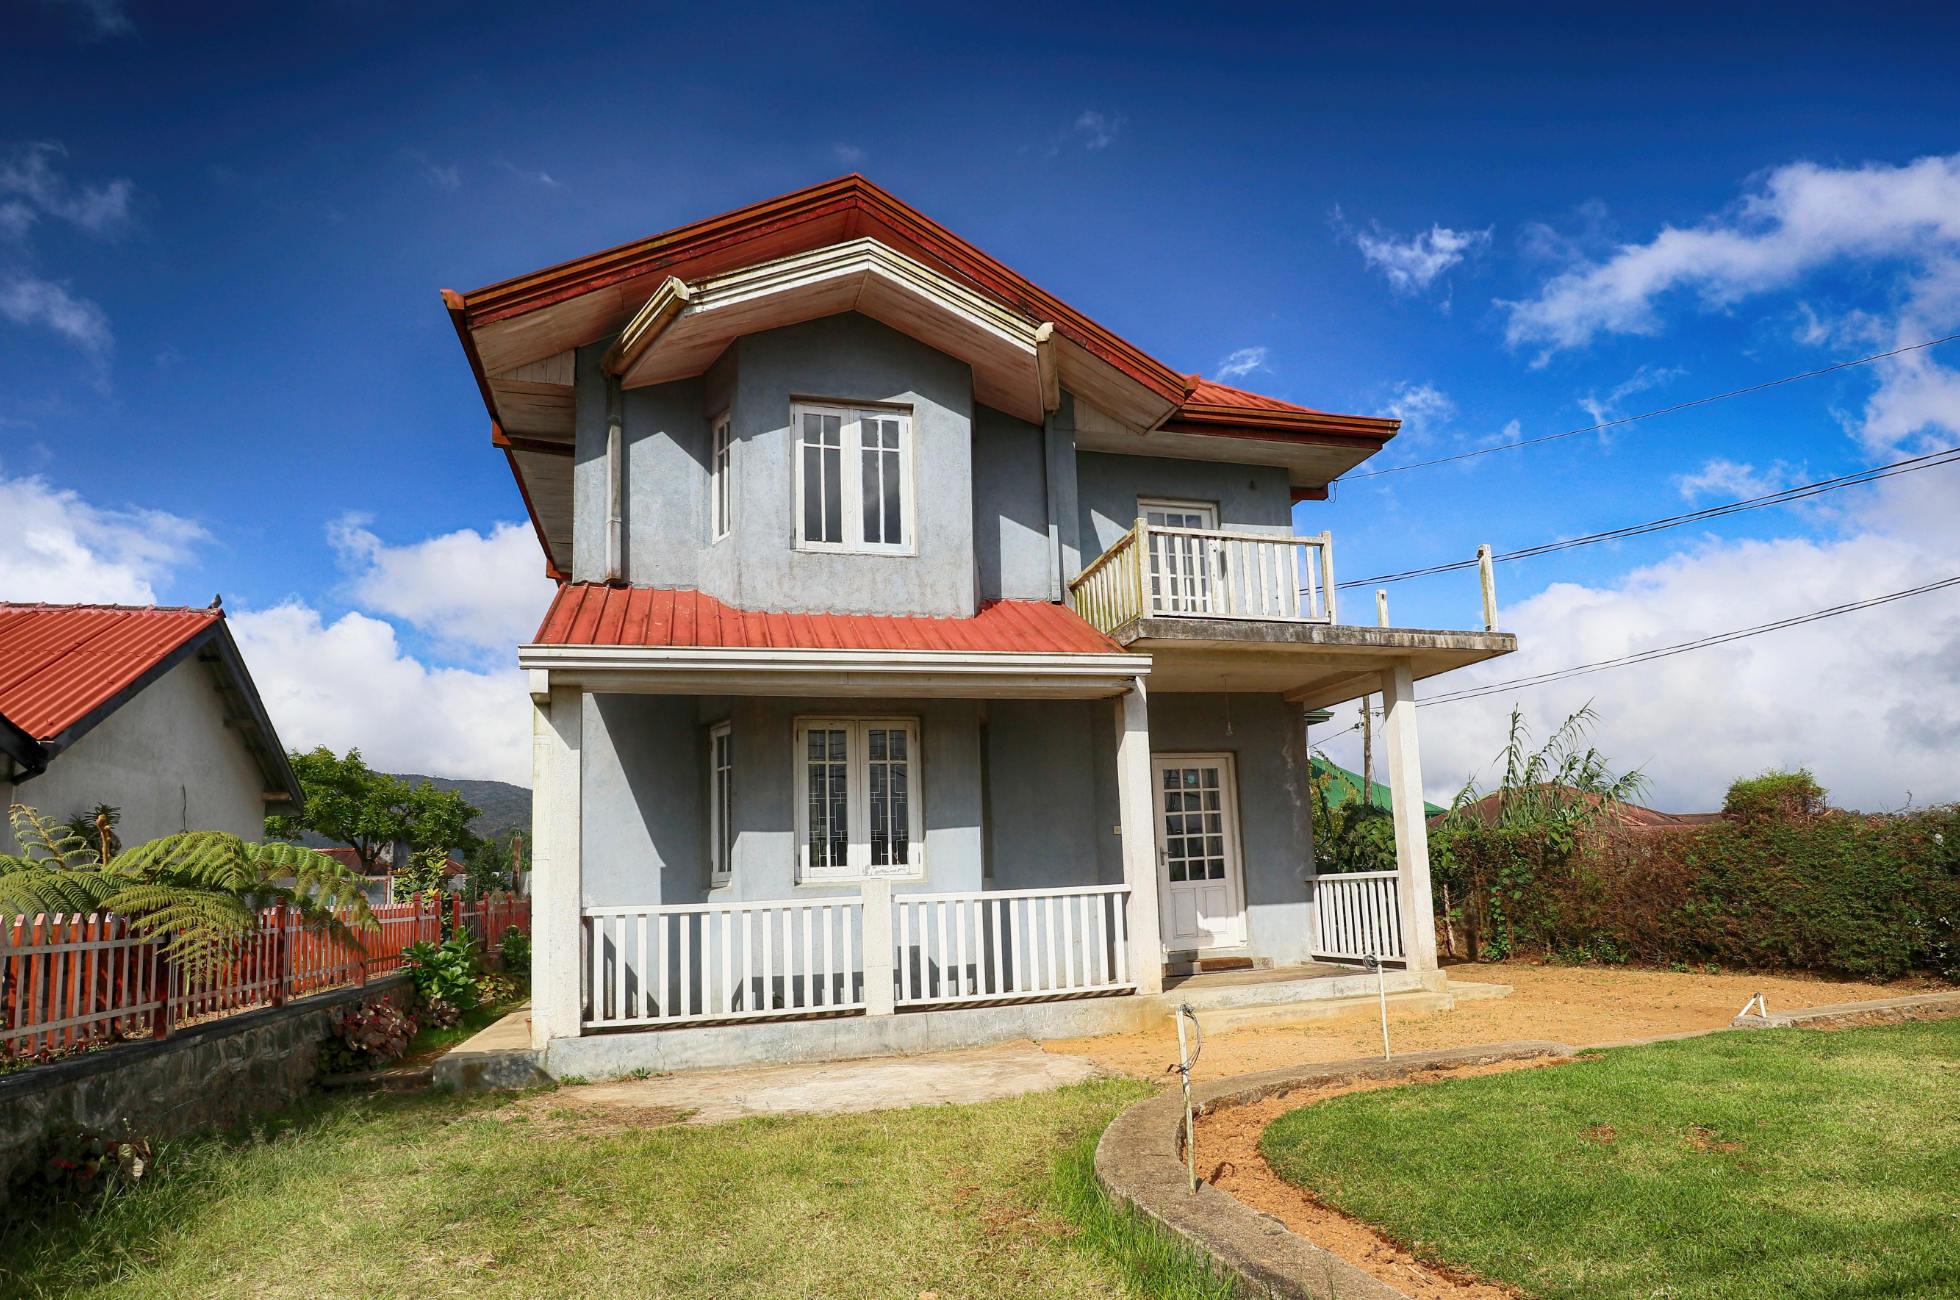 Hütte Sri Lanka